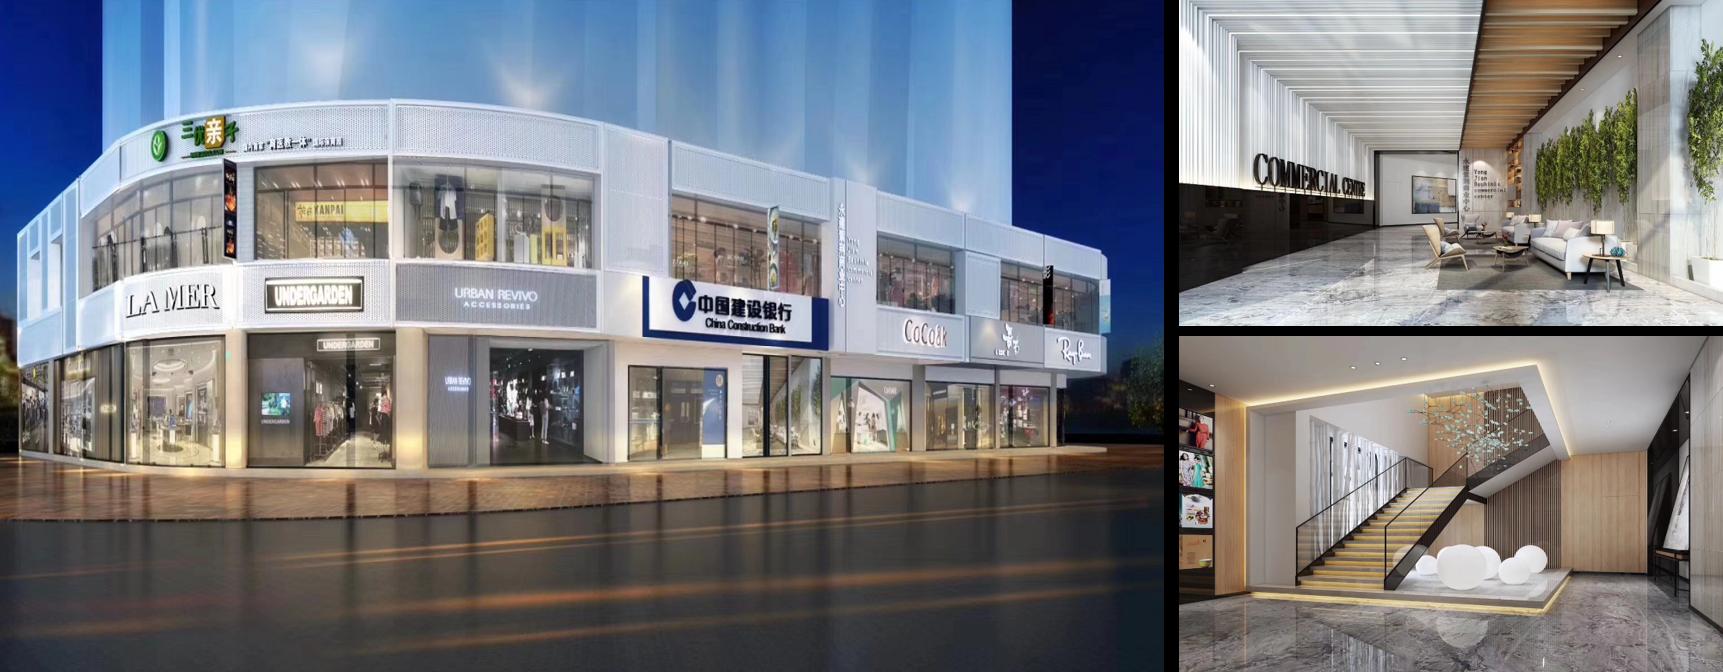 装修工程展览 - 紫荆商业中心设计装修工程